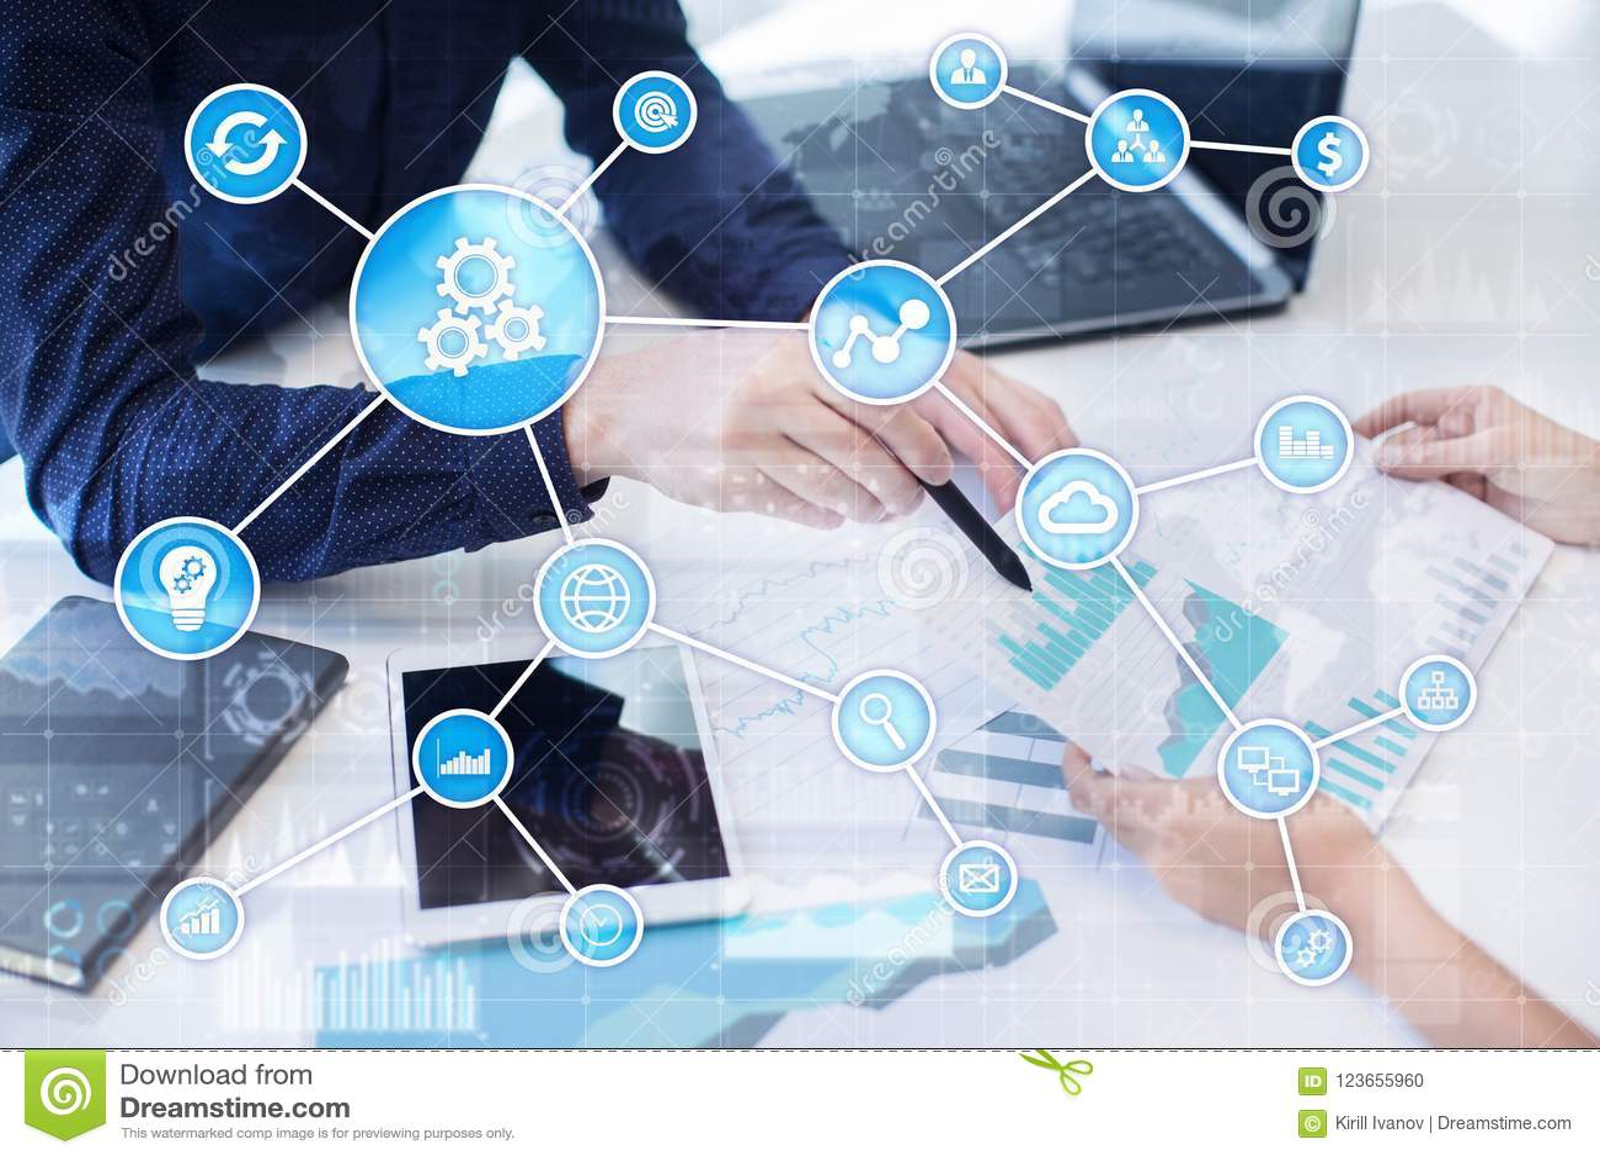 Концепция автоматизации как нововведение, улучшая урожайность, надежность в технологии и бизнес-процессы